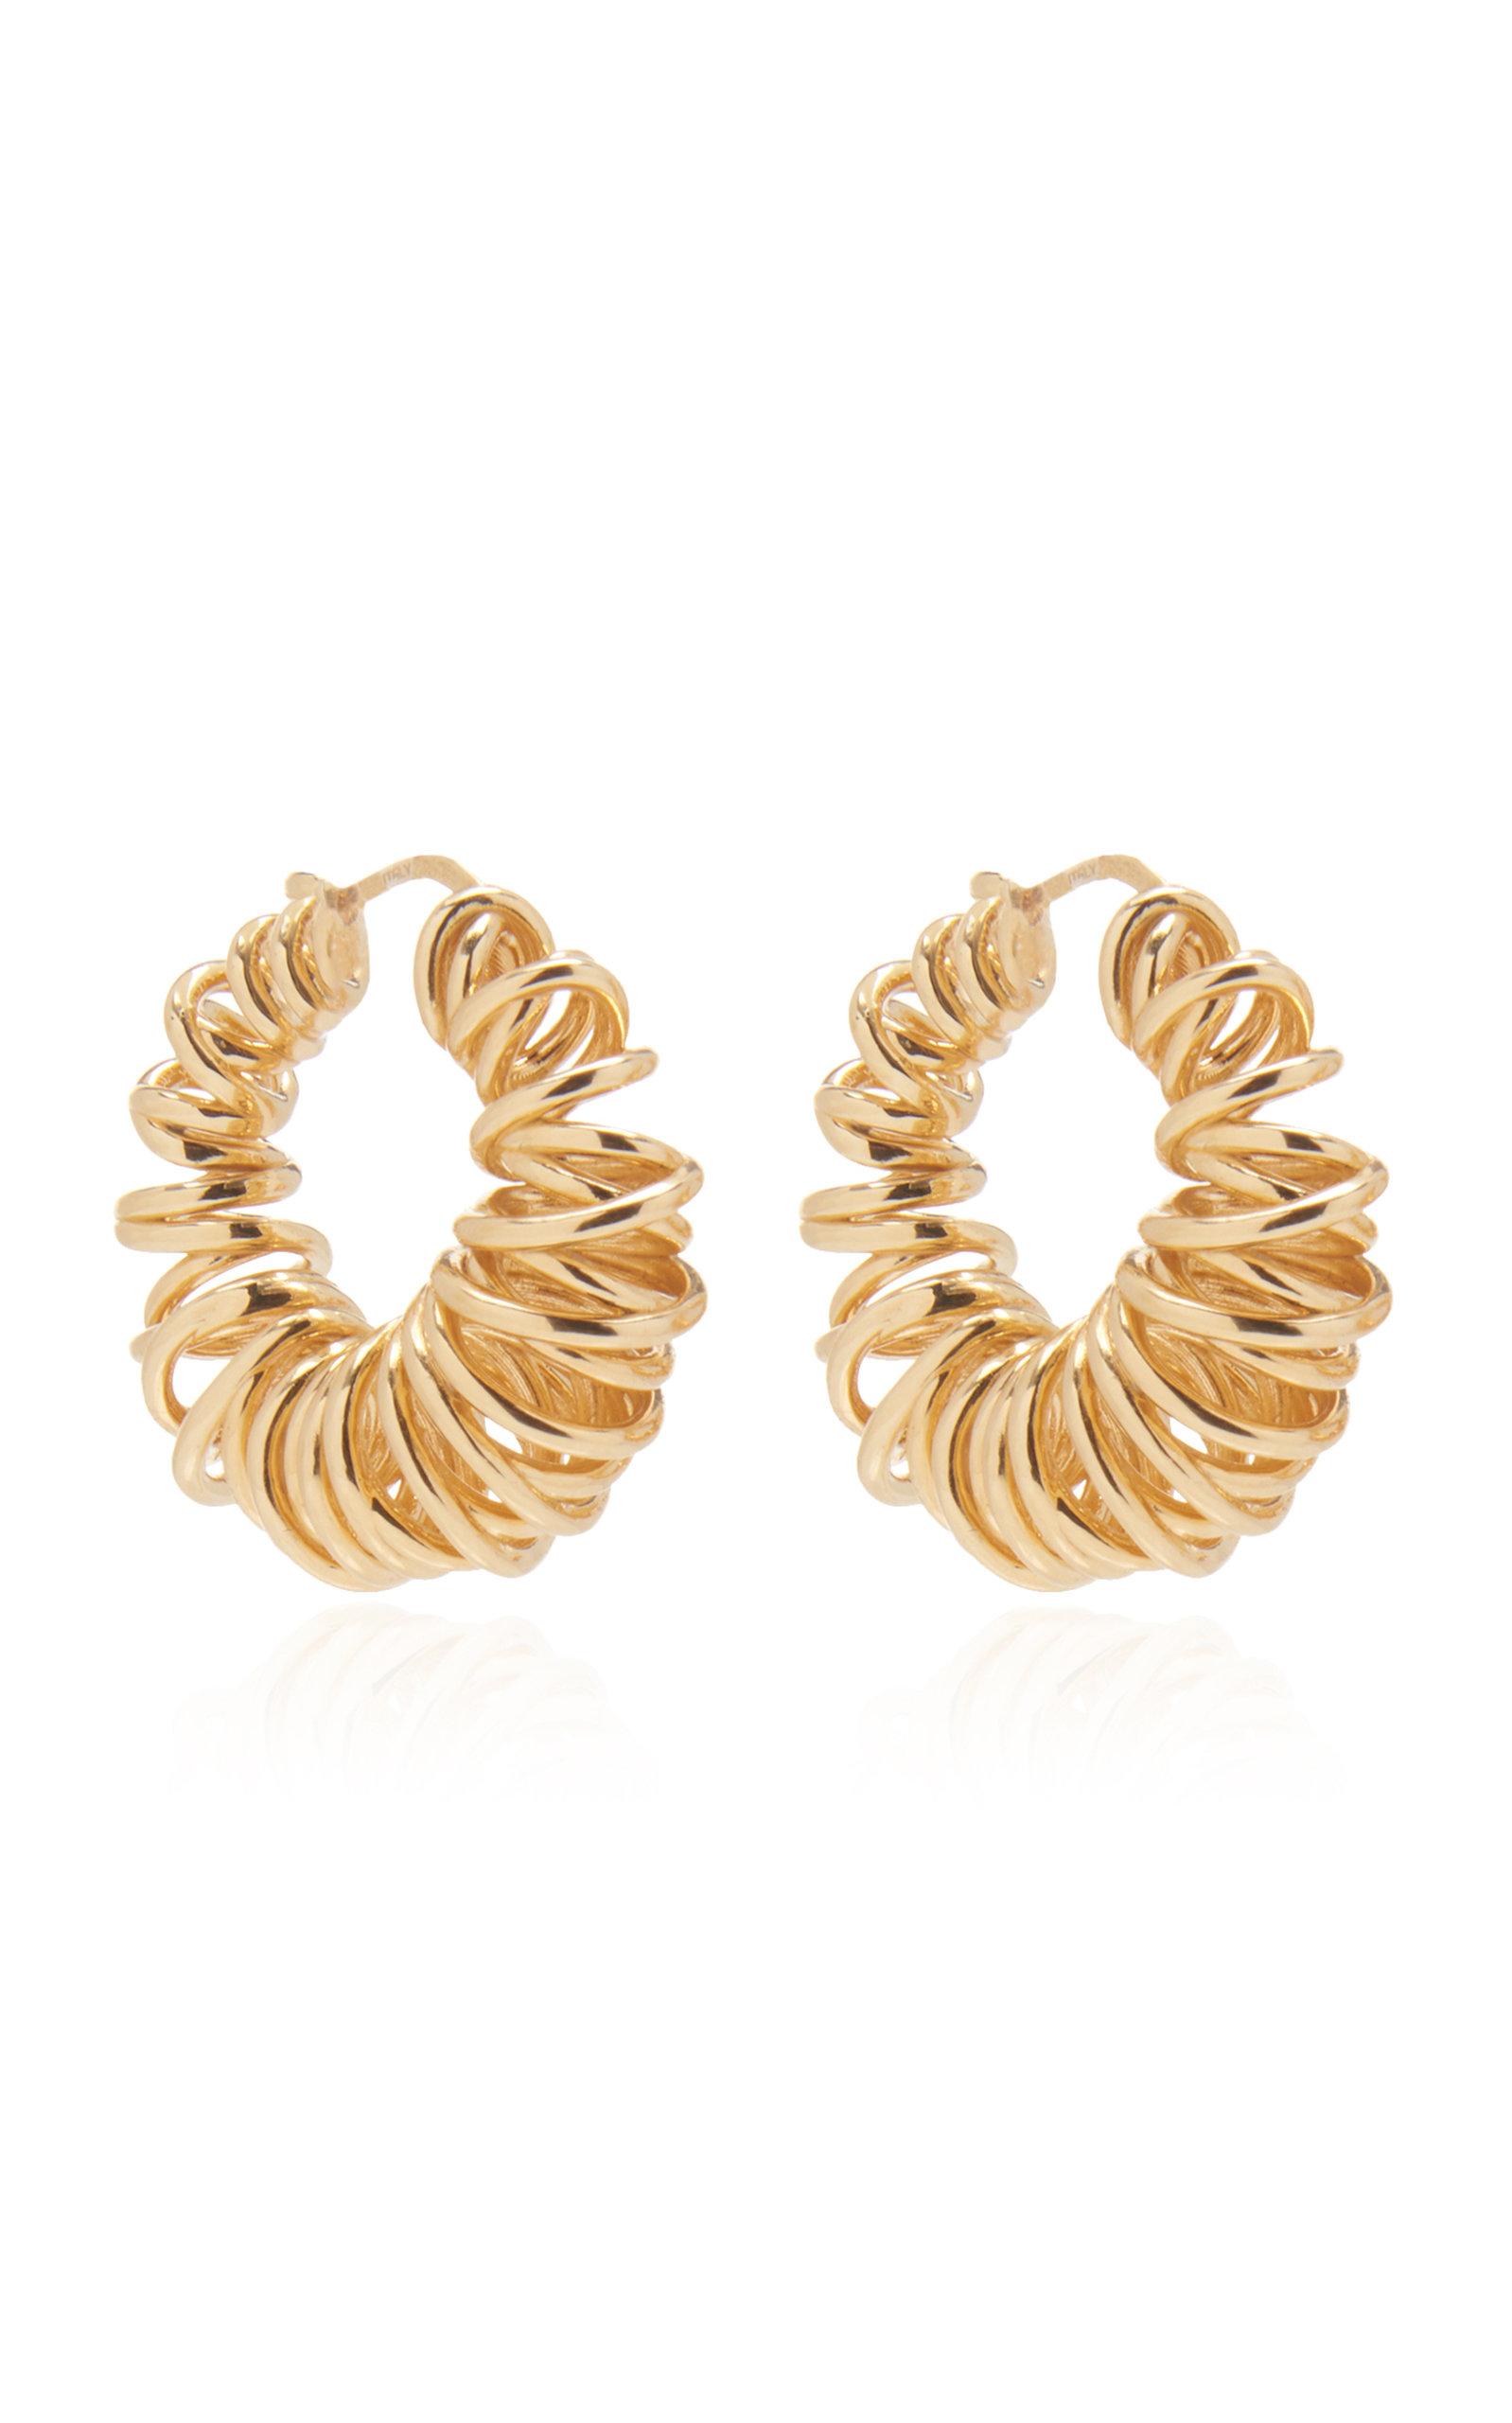 Bottega Veneta – Women's Gold-Plated Spiral Hoop Earrings  – Gold – Moda Operandi